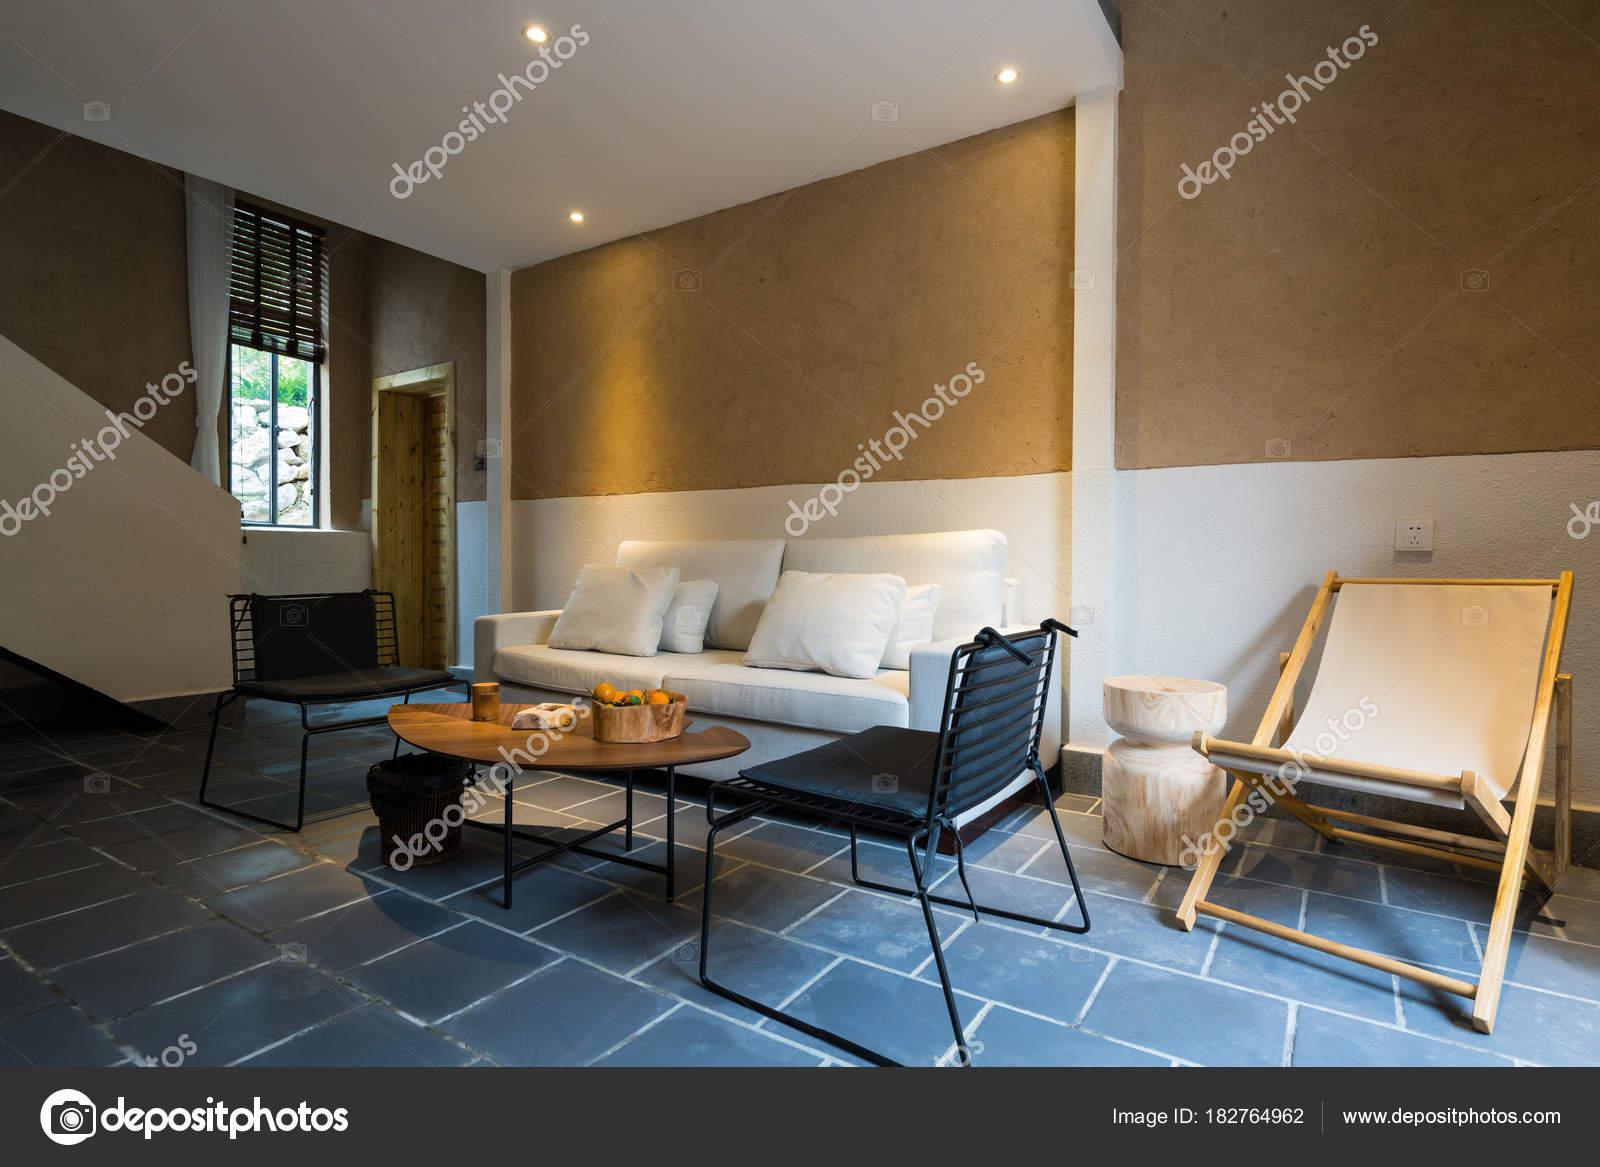 schönes Haus innen — Stockfoto © roseburn3djob #182764962